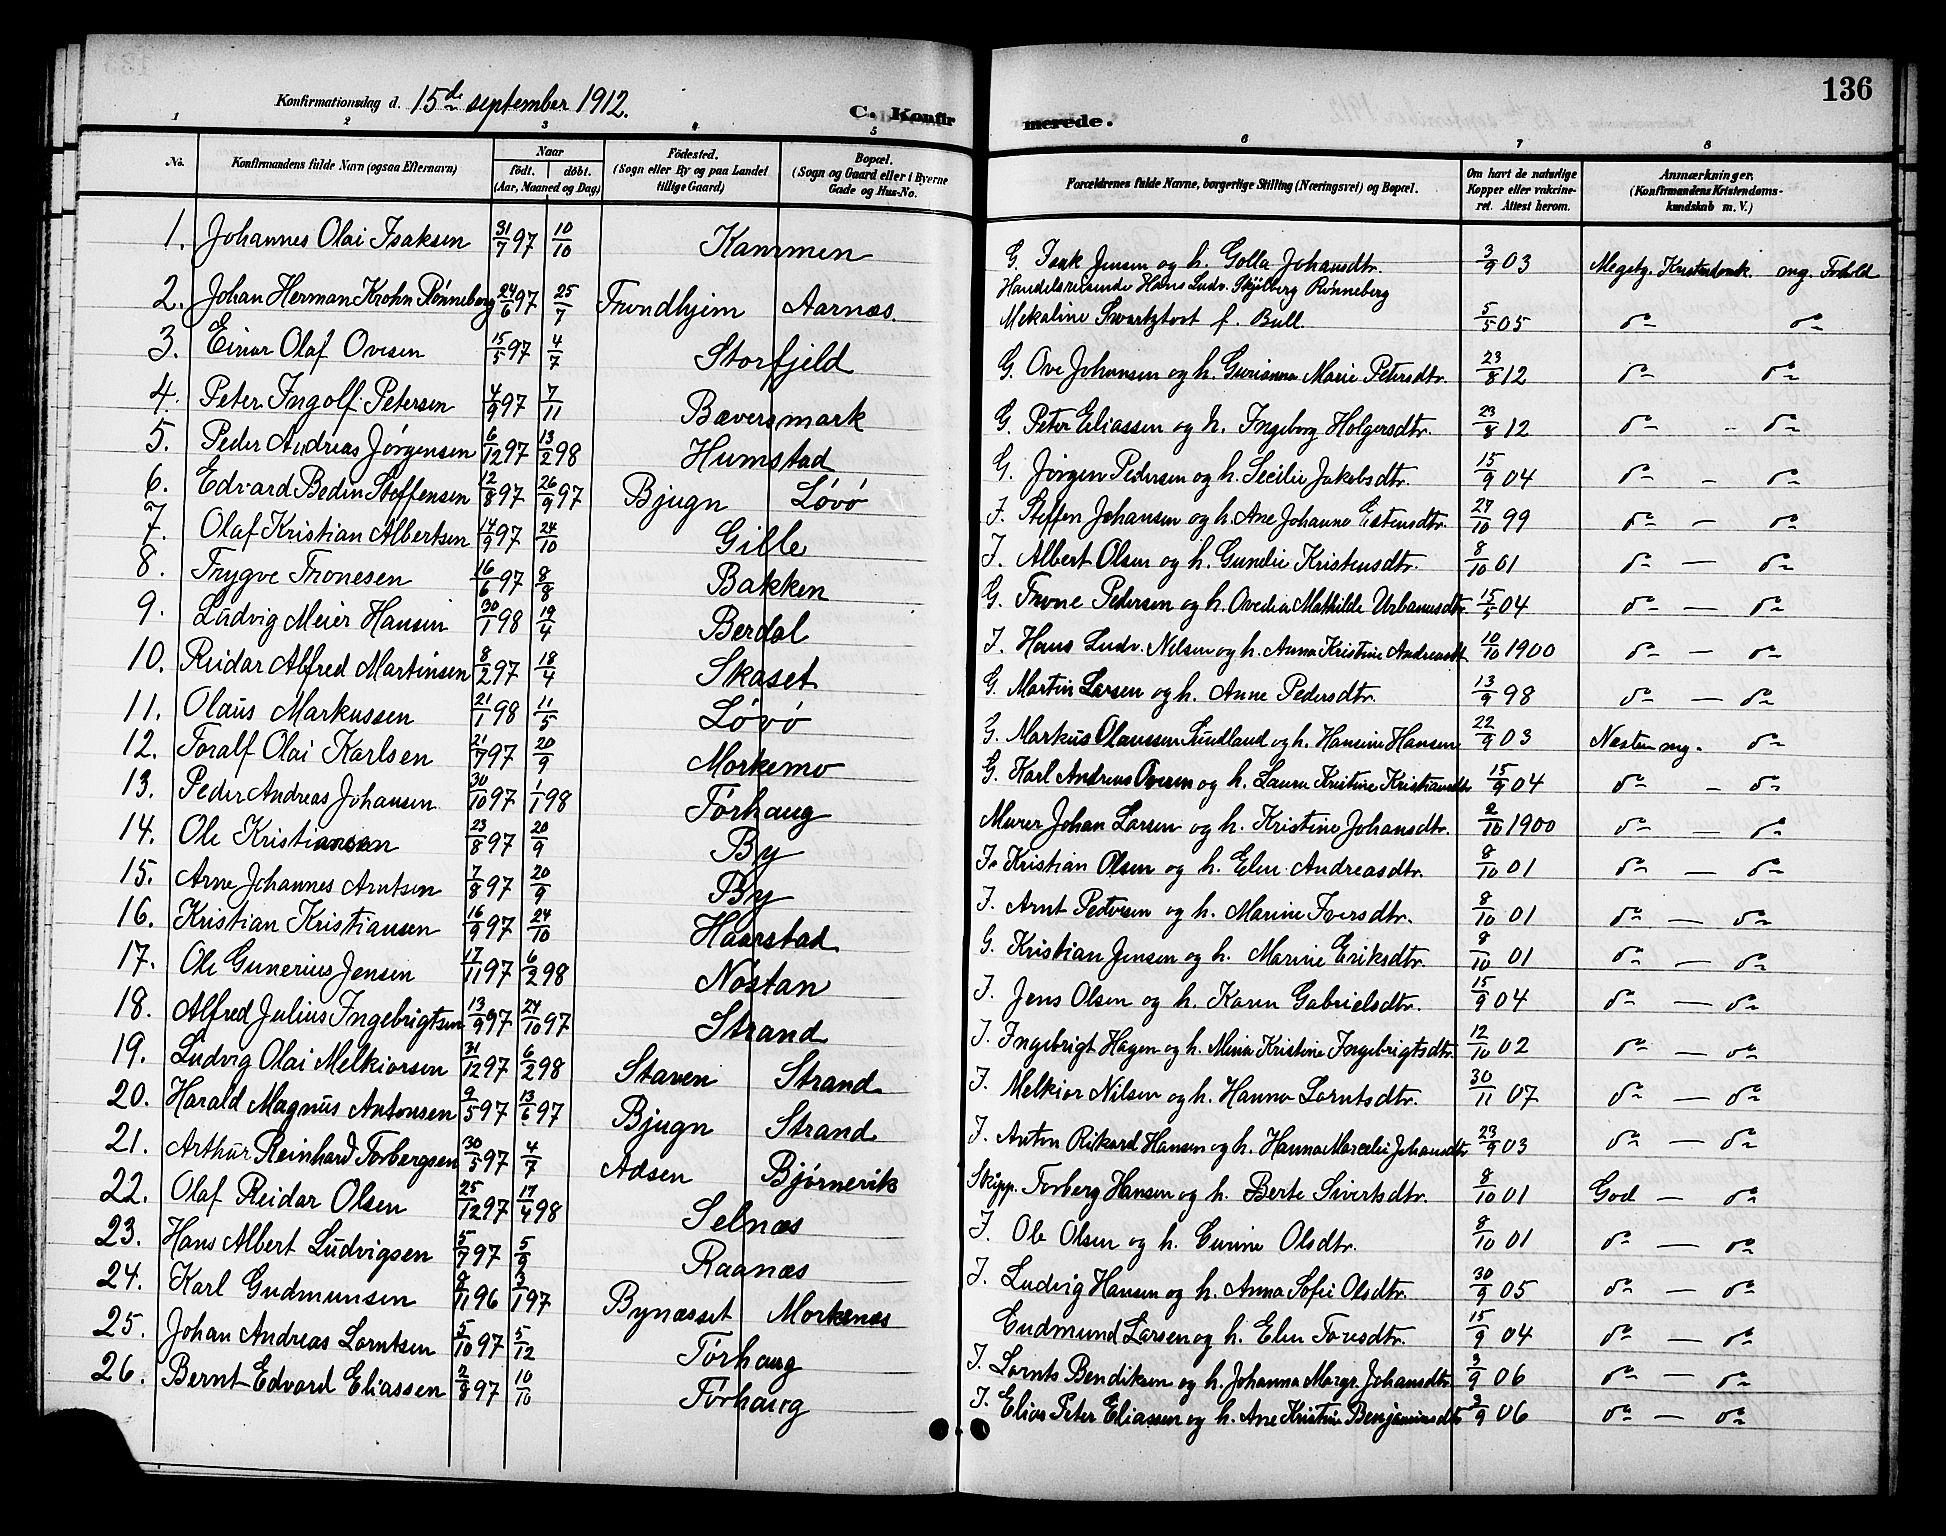 SAT, Ministerialprotokoller, klokkerbøker og fødselsregistre - Sør-Trøndelag, 655/L0688: Klokkerbok nr. 655C04, 1899-1922, s. 136